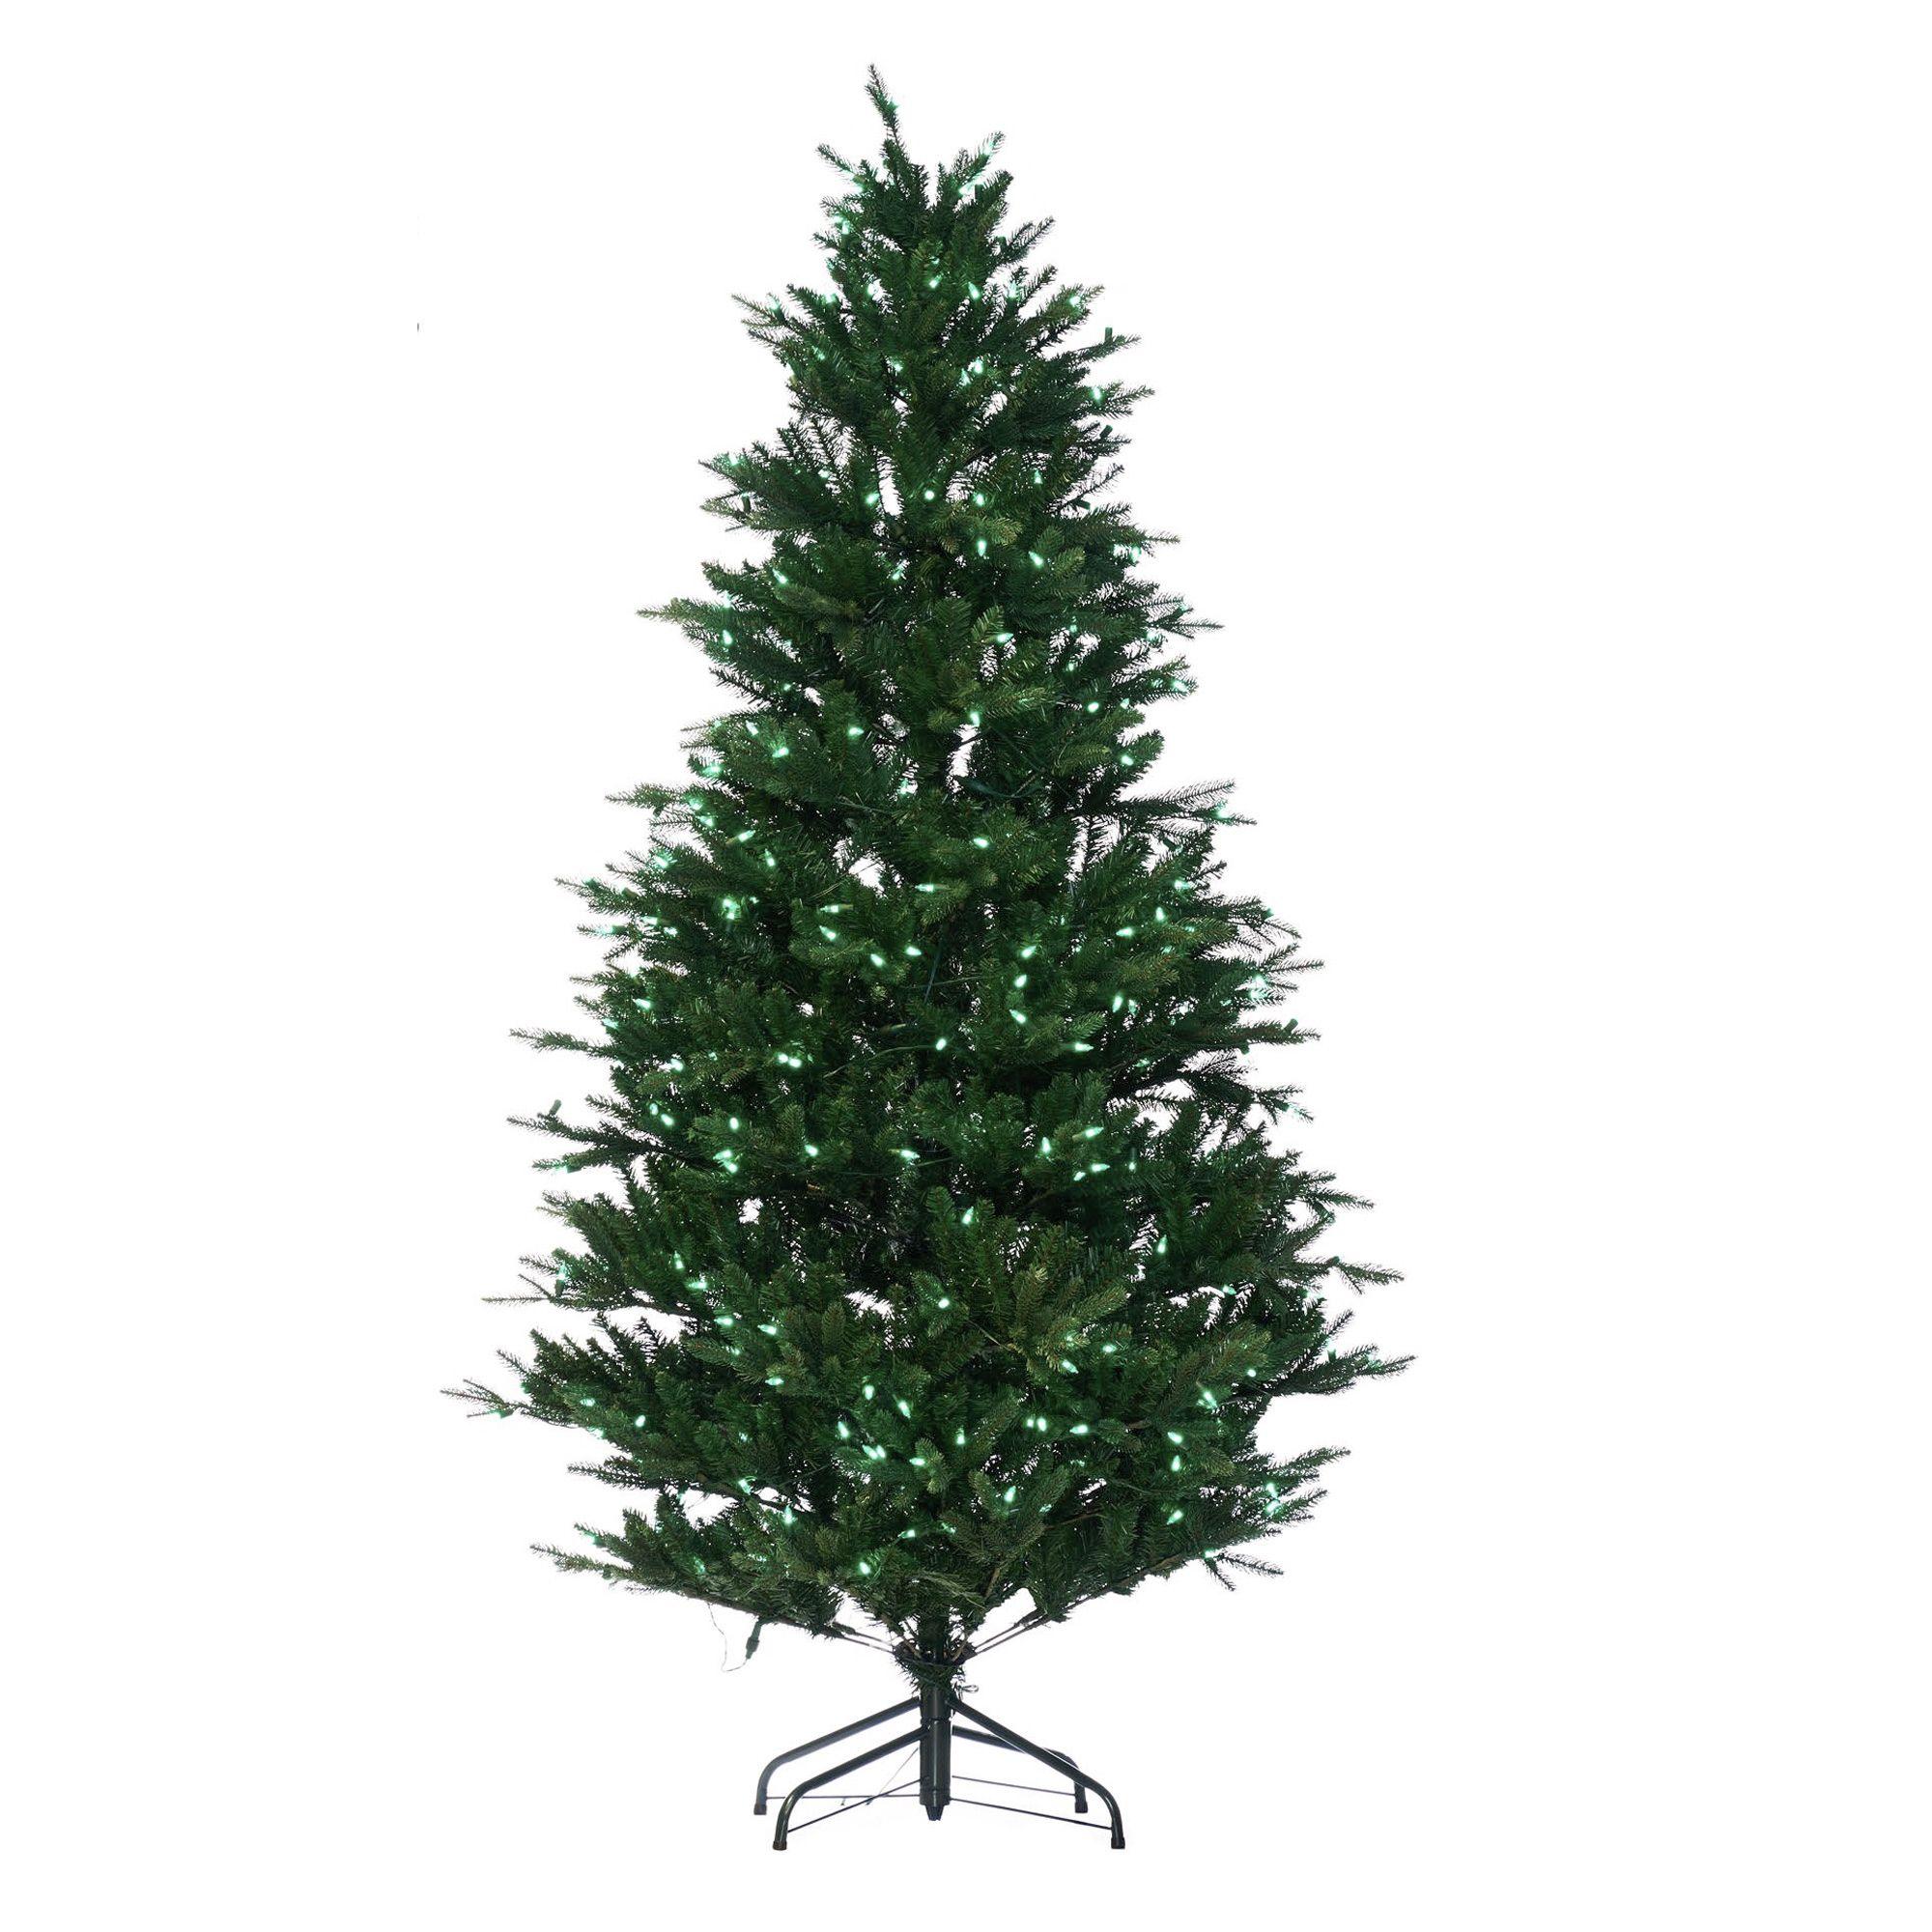 Künstlicher Weihnachtsbaum Mit Beleuchtung 45 Cm.Santa S Best Weihnachtsbaum Starry Lights Inkl Fernbedienung